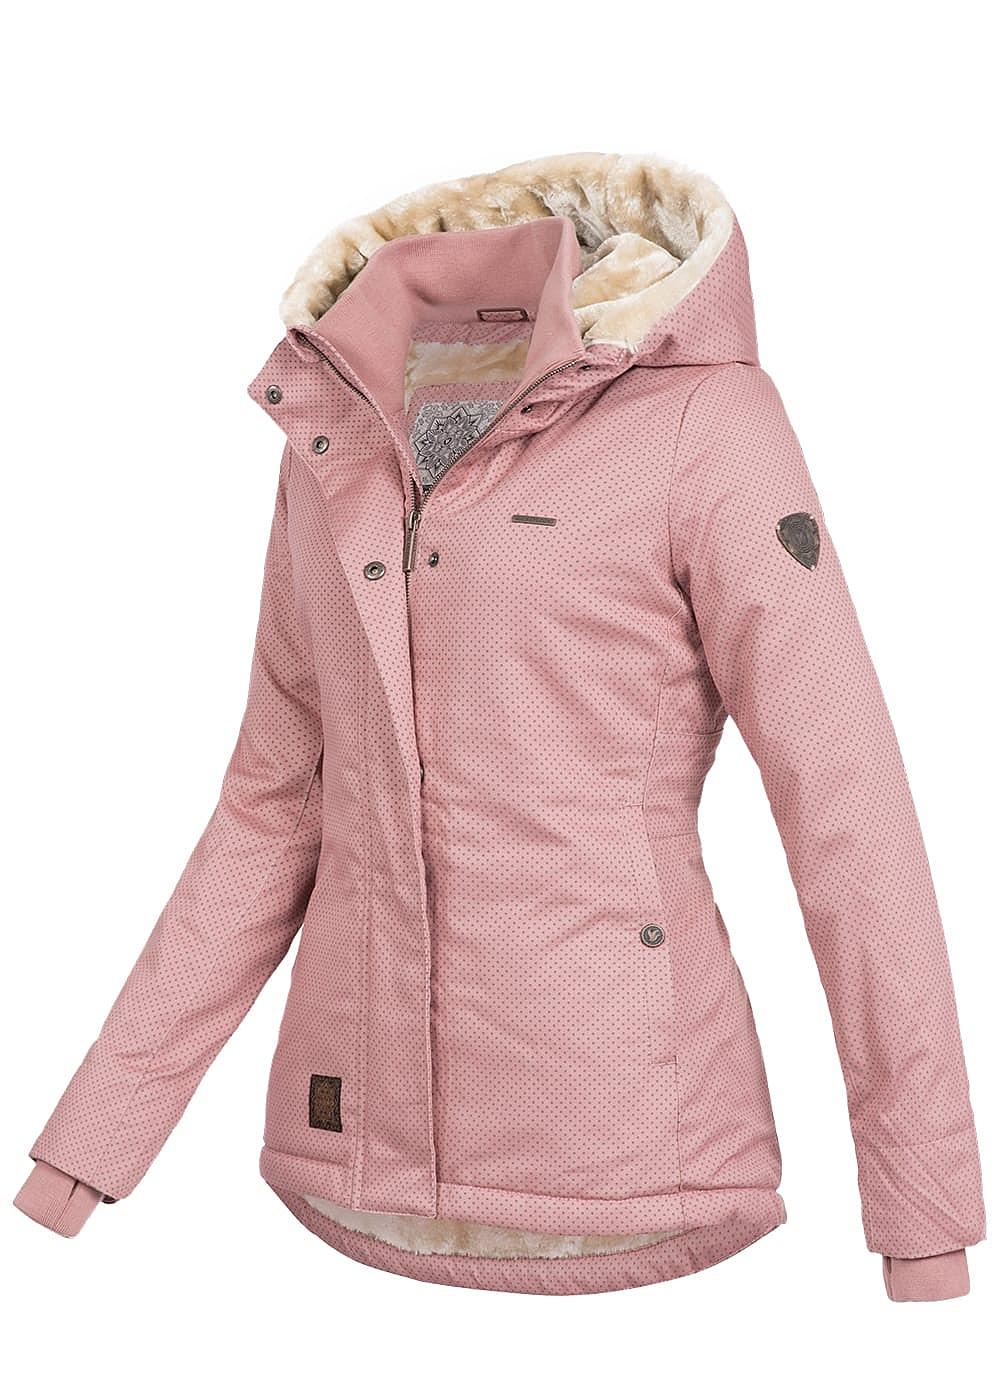 eca3cb184a9ab9 Aiki damen winterjacke teddyfell – Beliebte Jacken für die Saison 2018